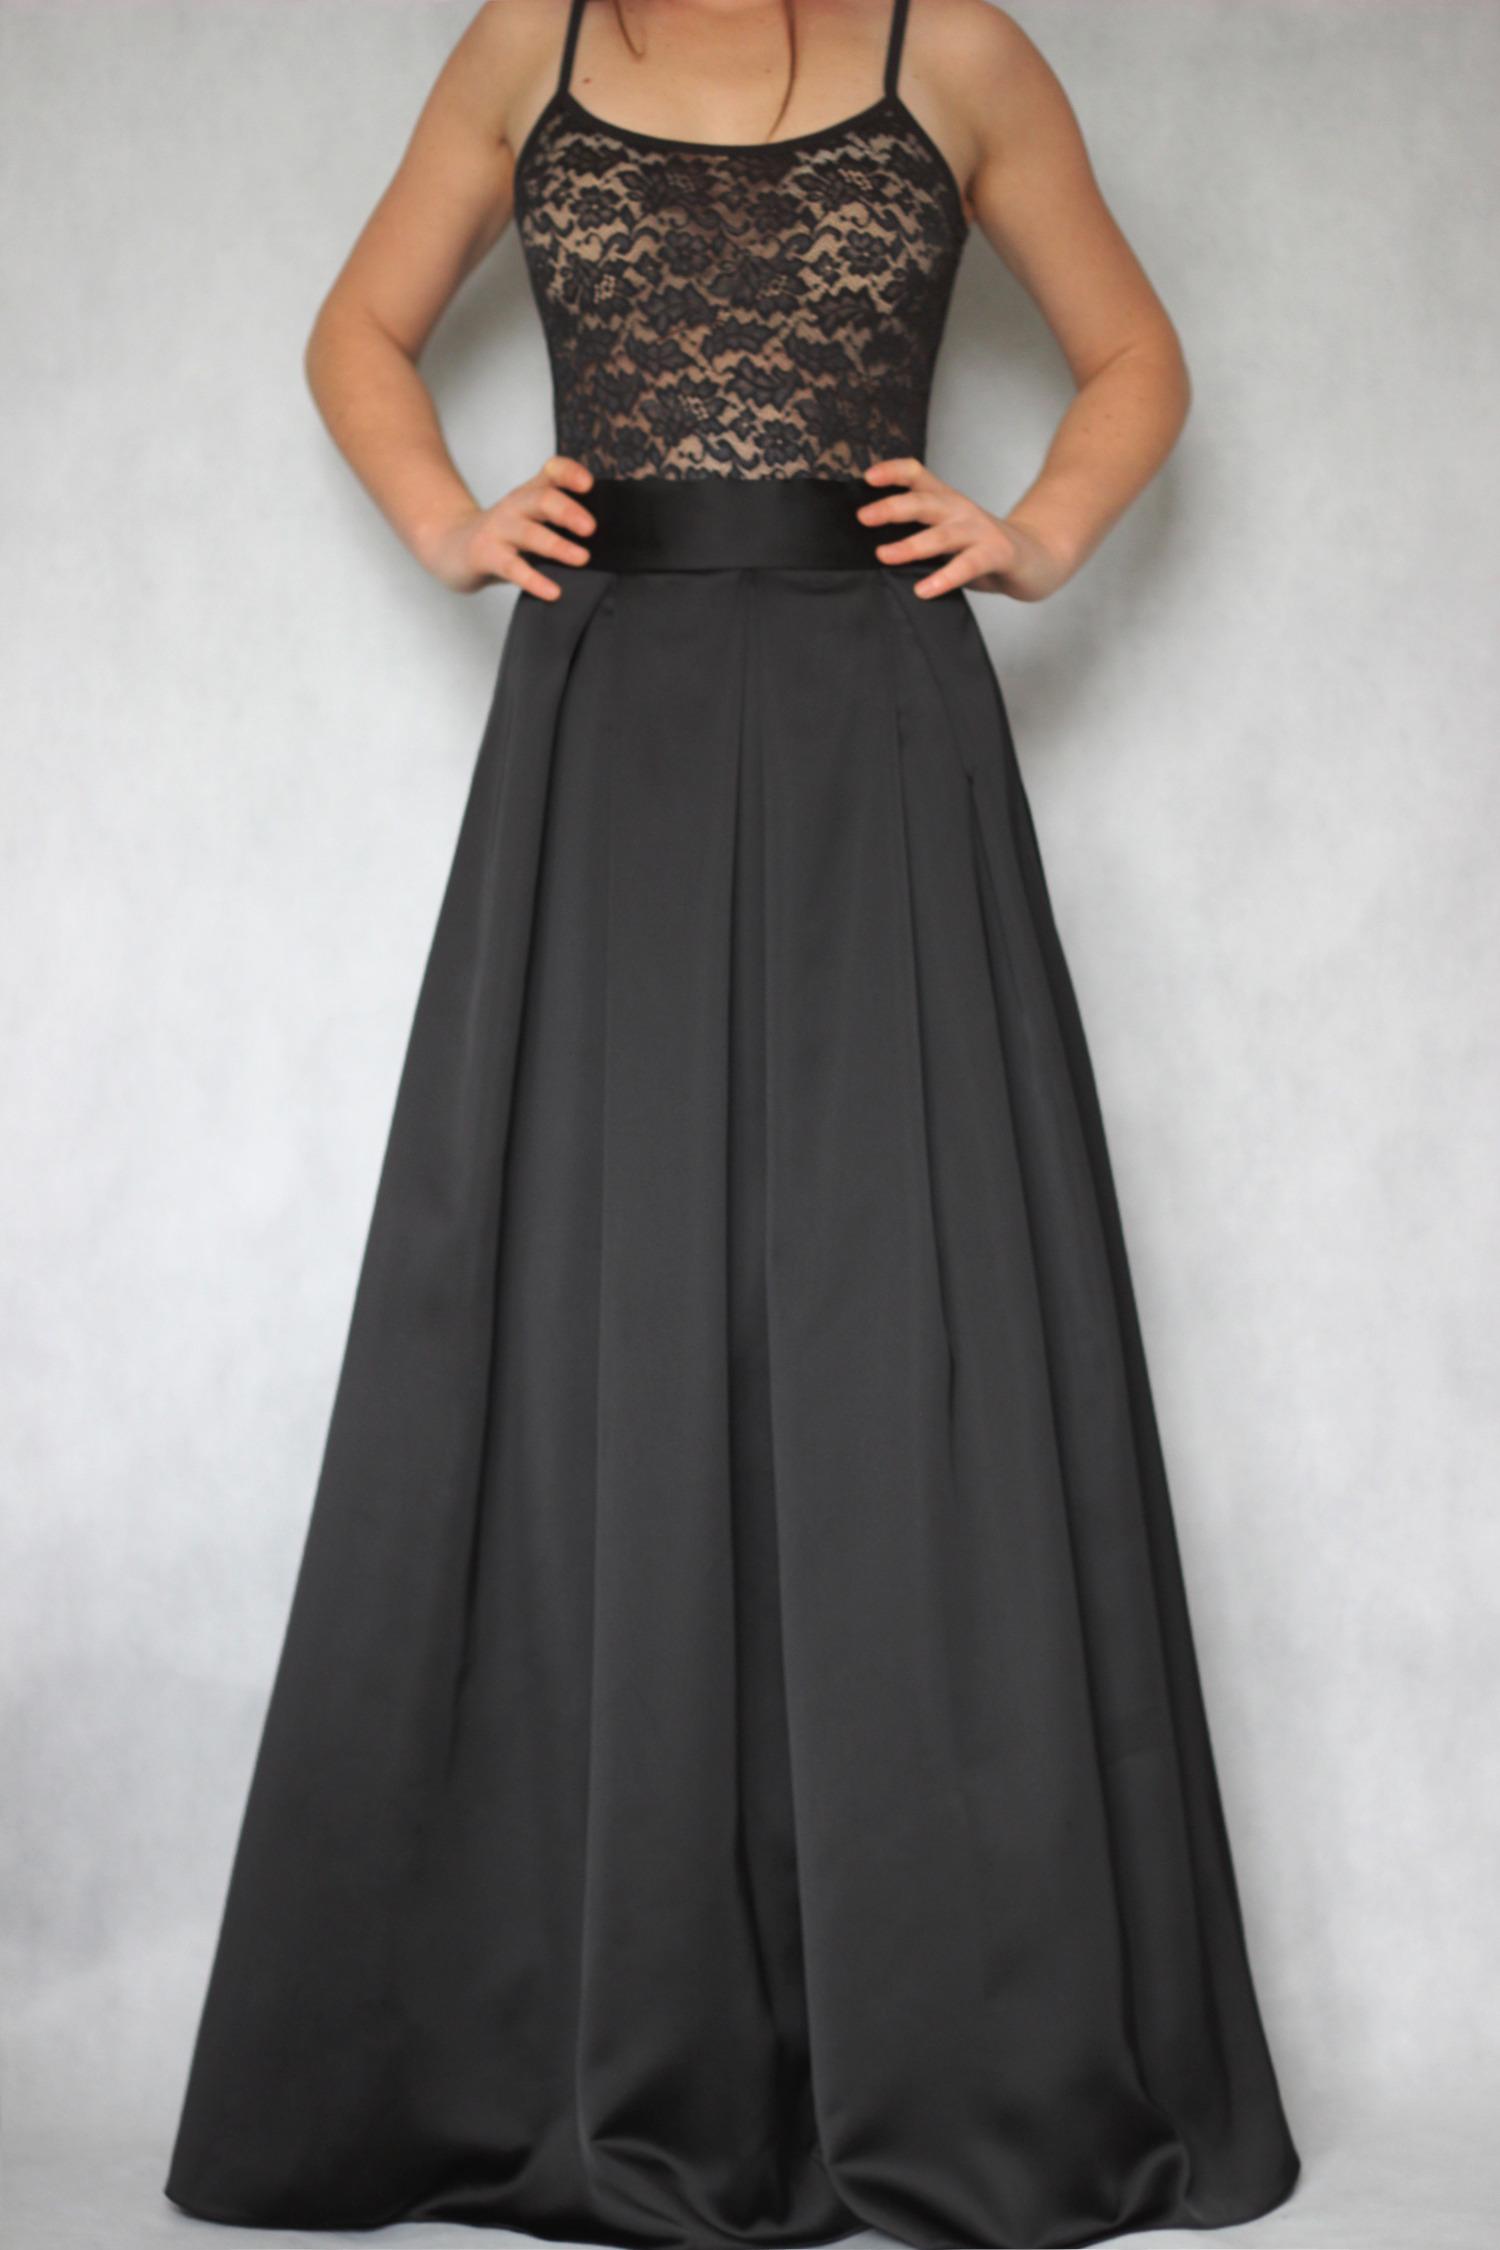 Společenská skládaná sukně různé barvy   Zboží prodejce Dyona  320064dd9c